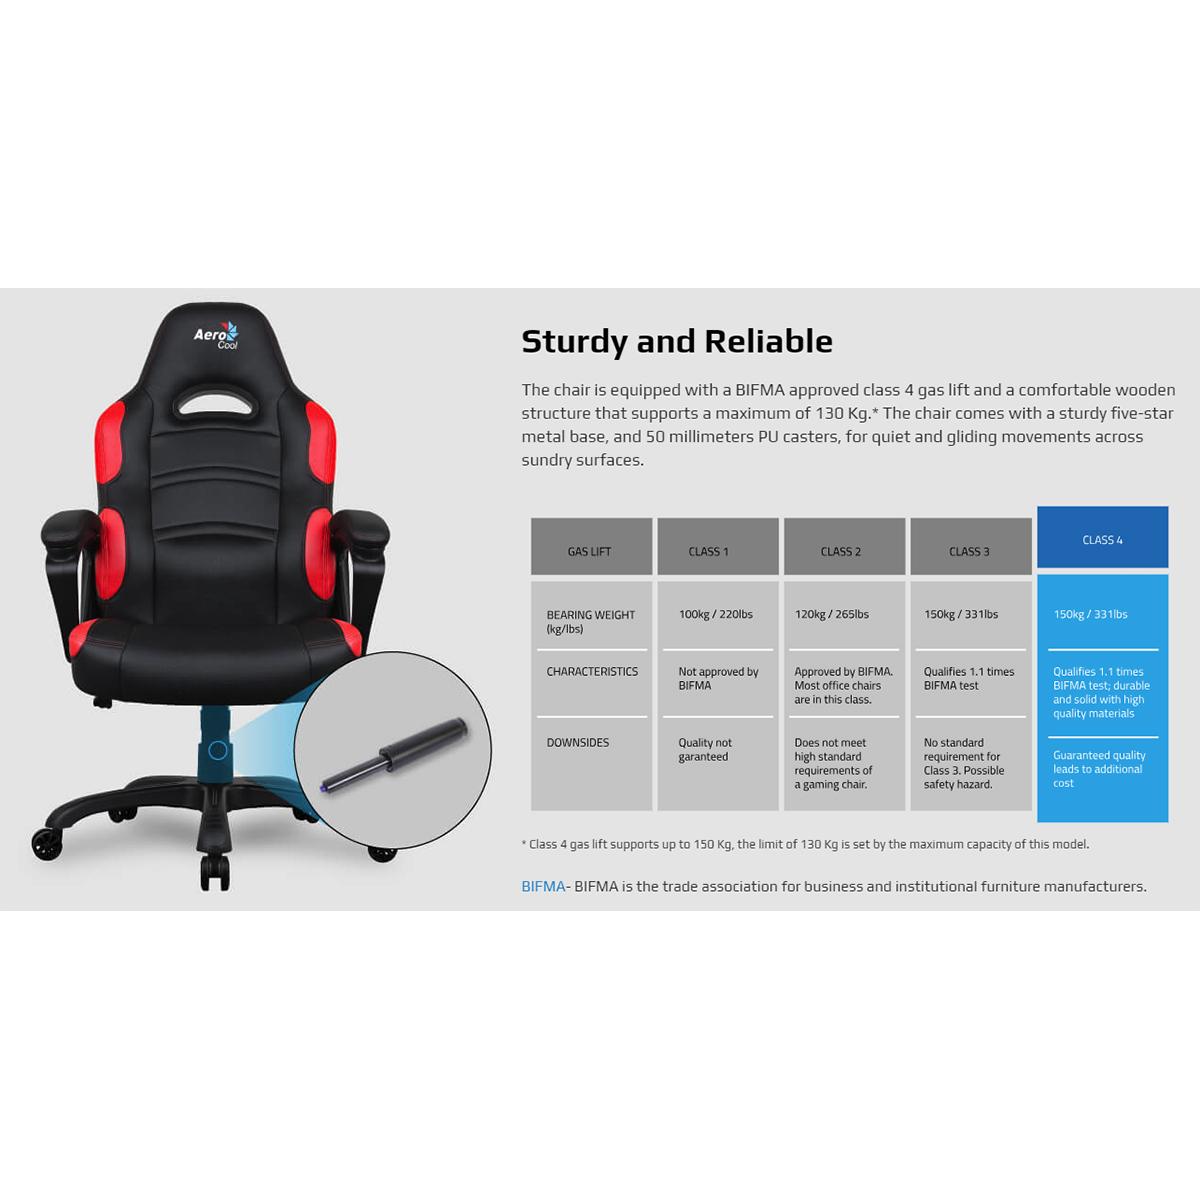 Gaming Stuhl 150 Kg Akracing Nitro Gaming Stuhl Orange Gaming Stuhl